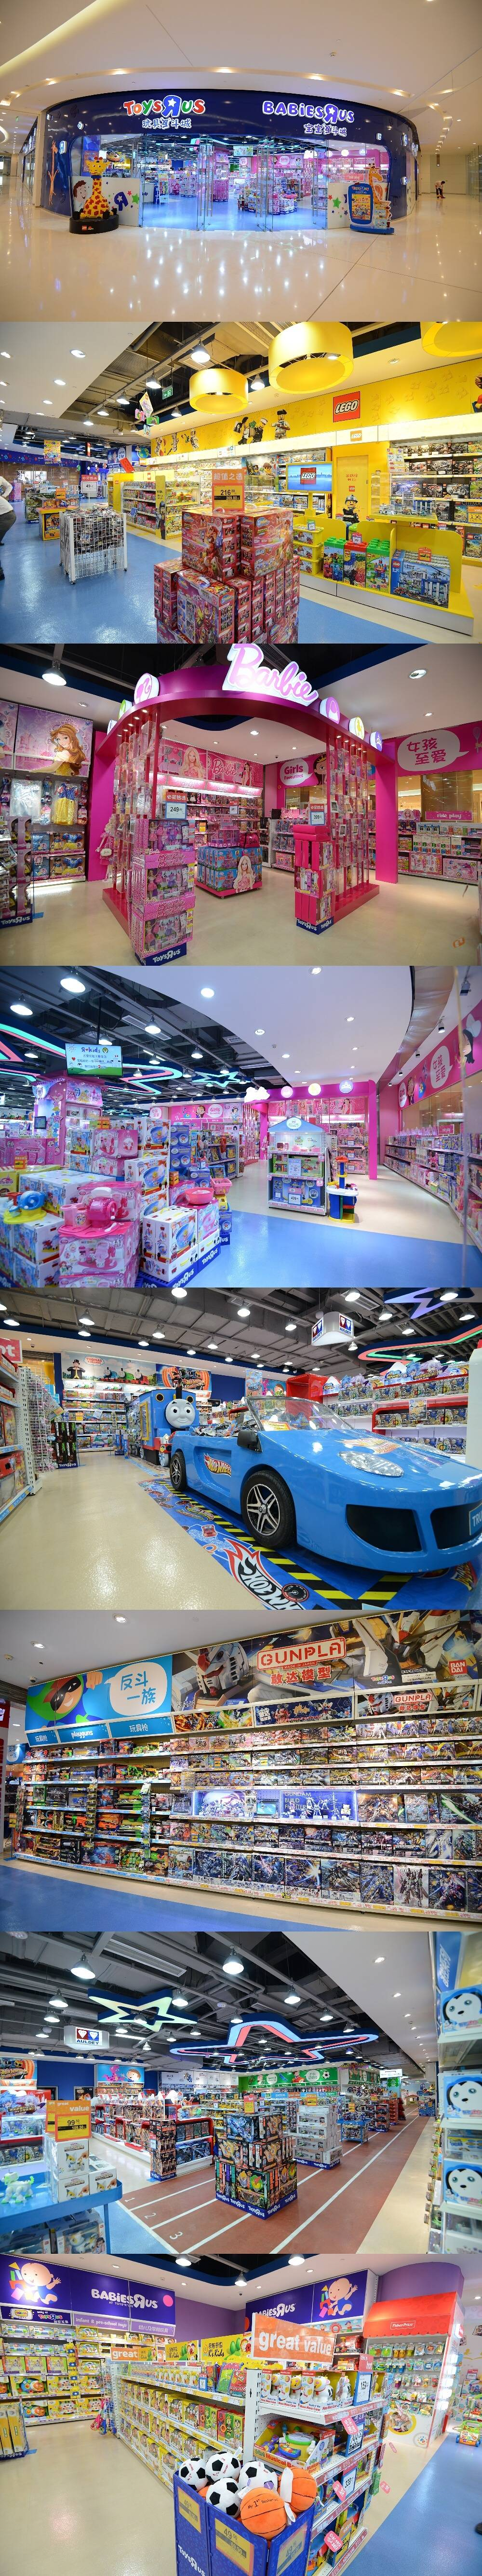 限量1元秒杀!玩具反斗城玩具礼包:玩具小汽车1辆+60元全场满减券1张+会员卡!童心不改,趣玩一夏!